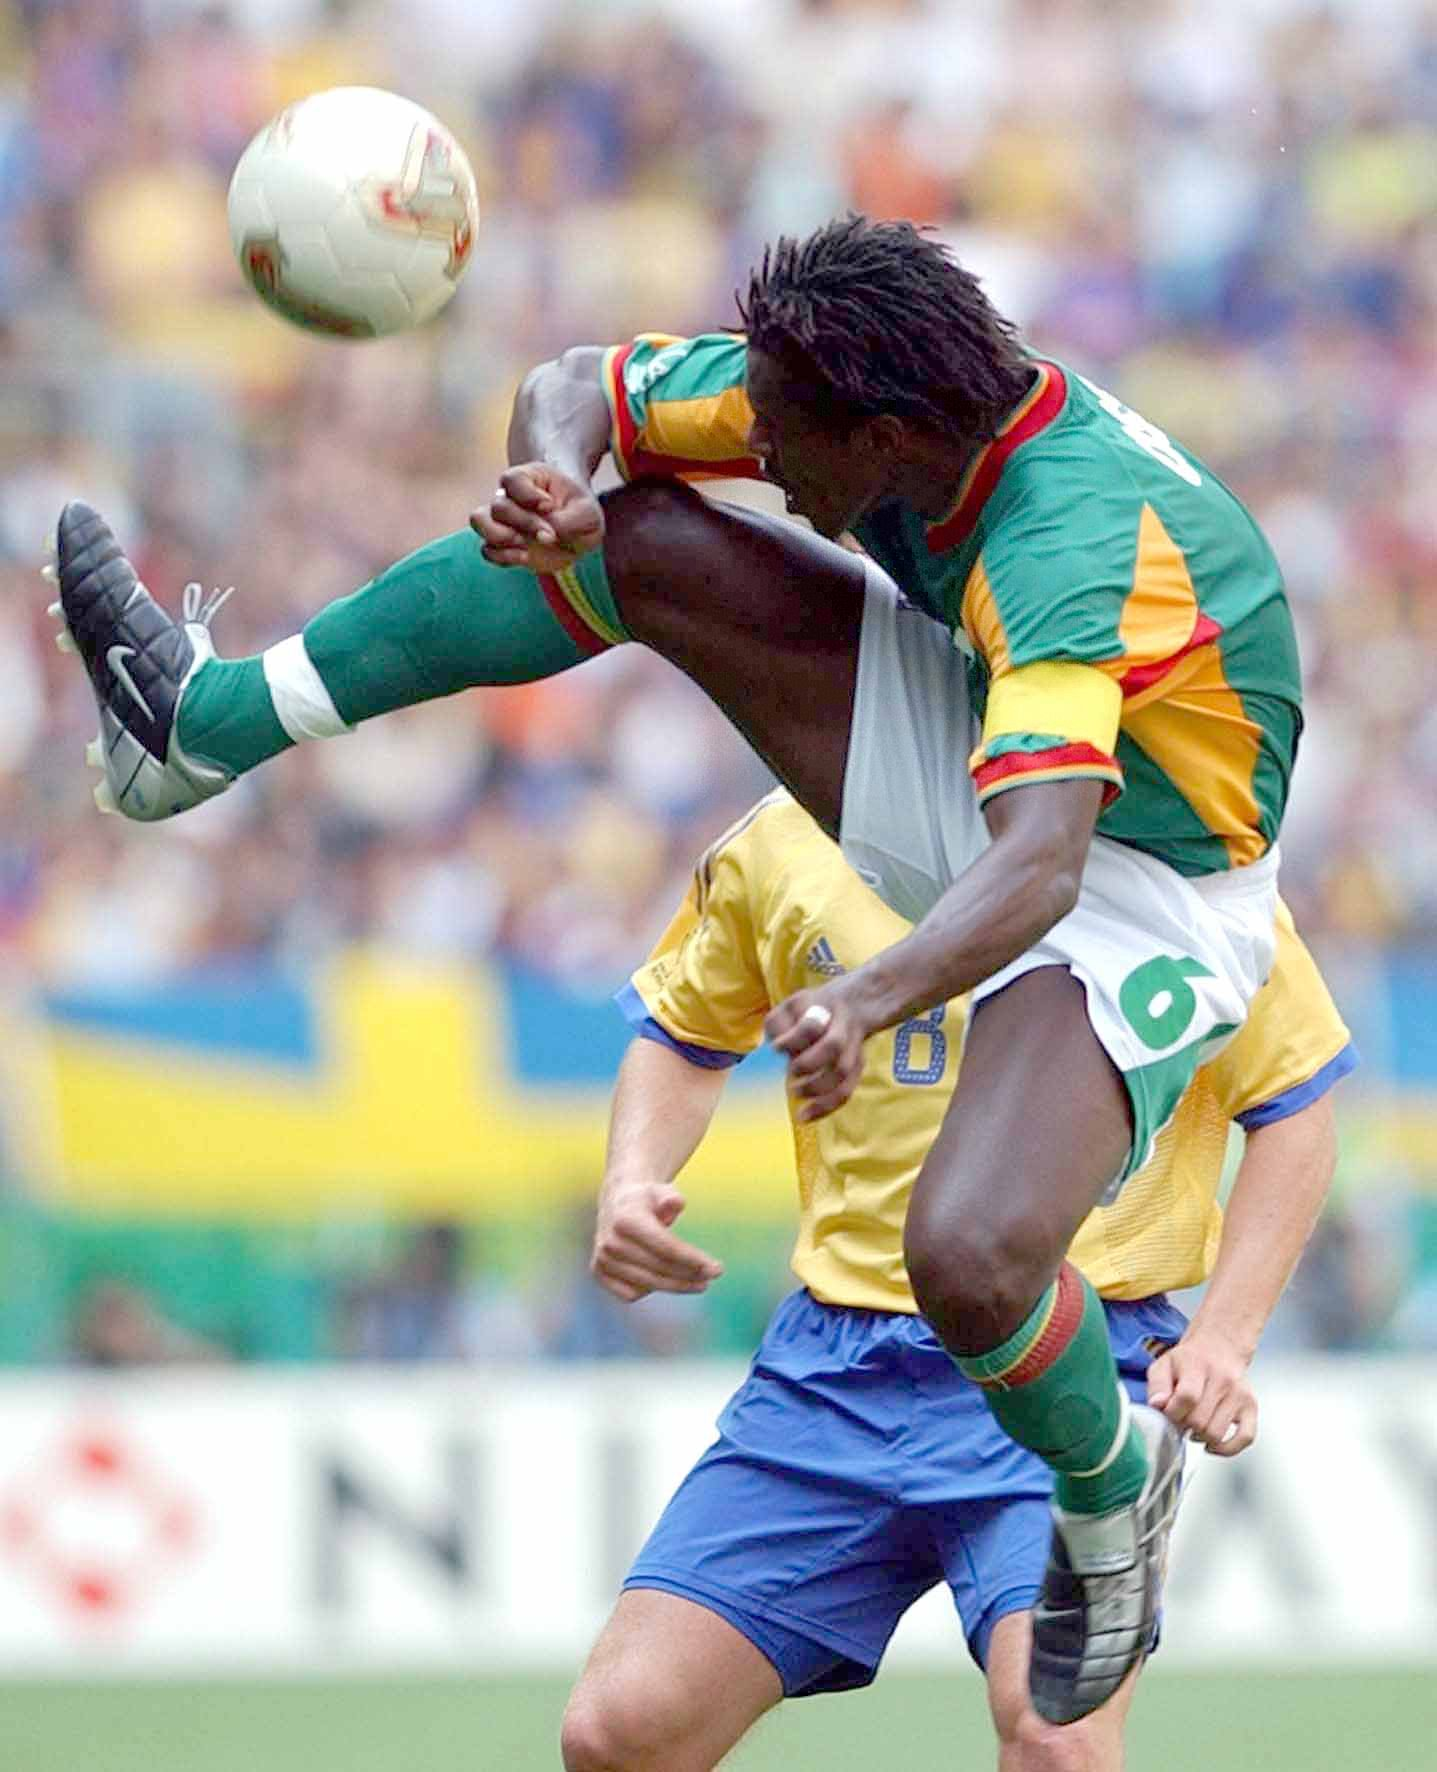 图为2002年6月16日,在日本大分进行的韩日世界杯八分之一决赛中,塞内加尔队球员西塞(前)在比赛中。